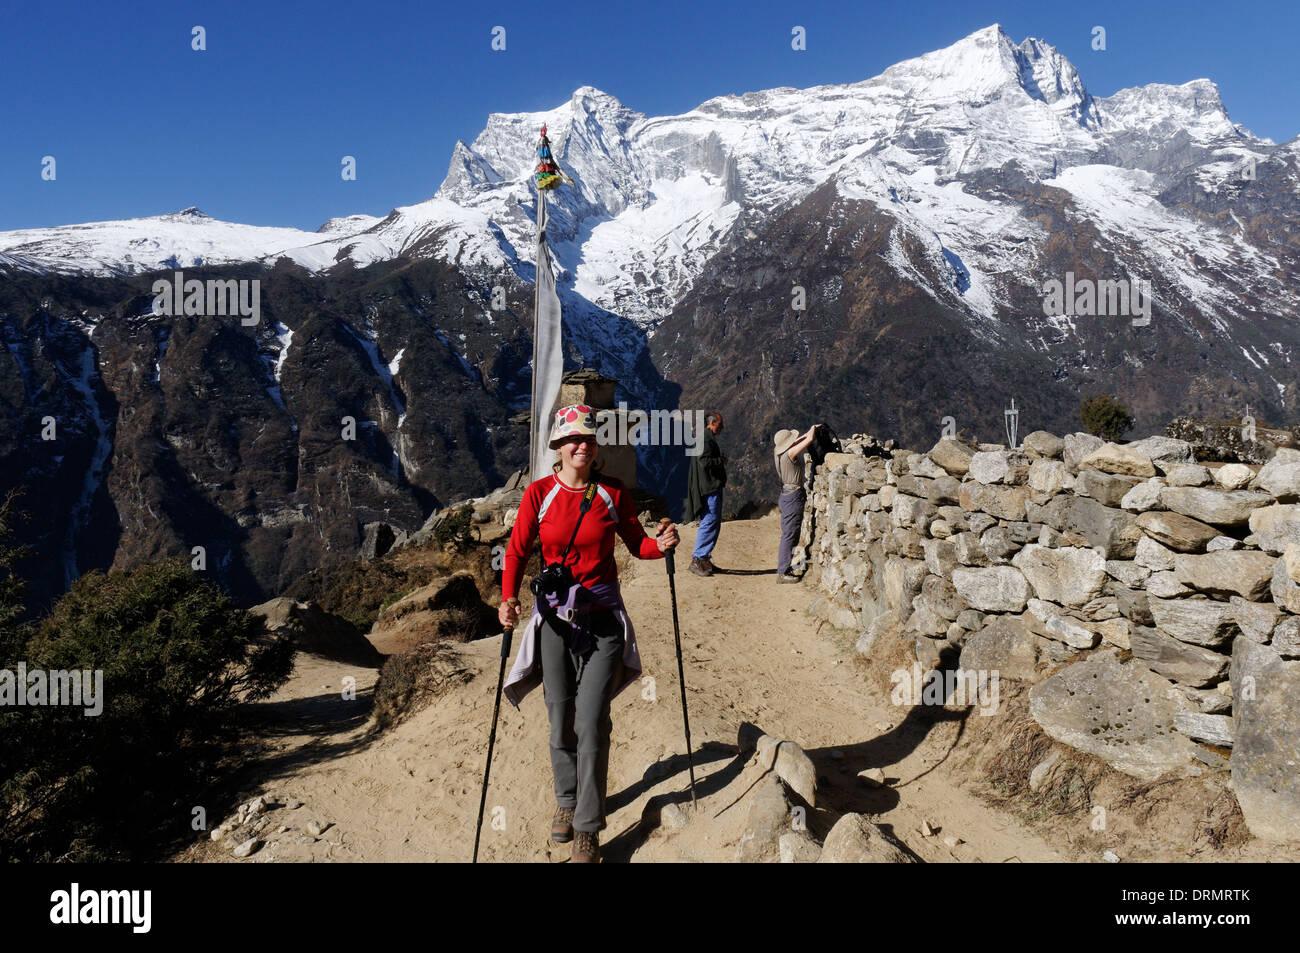 A lady trekker on the Everest base camp trek - Stock Image